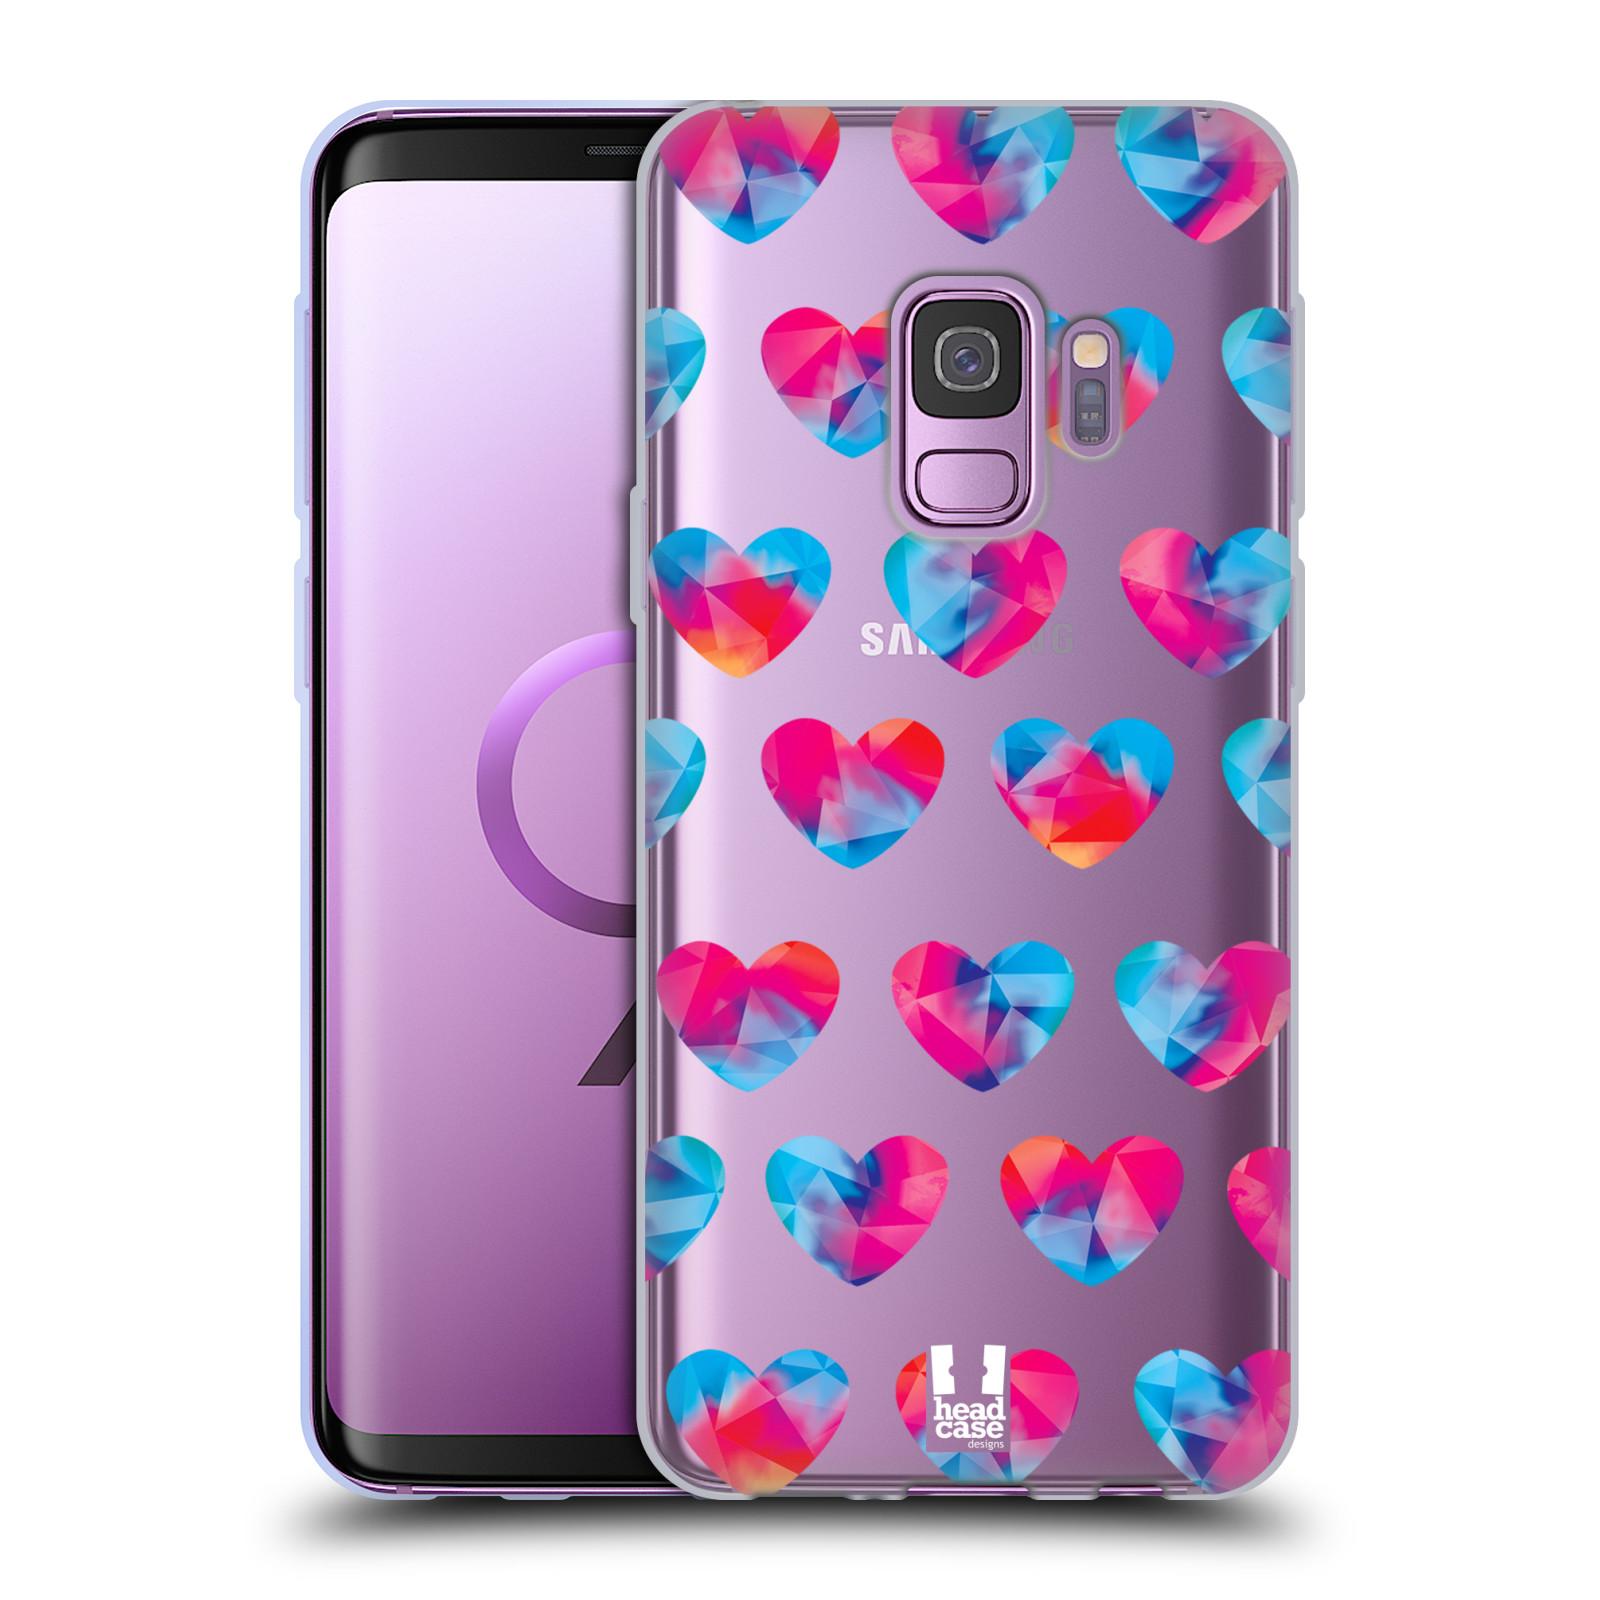 Silikonové pouzdro na mobil Samsung Galaxy S9 - Head Case - Srdíčka hrající barvami